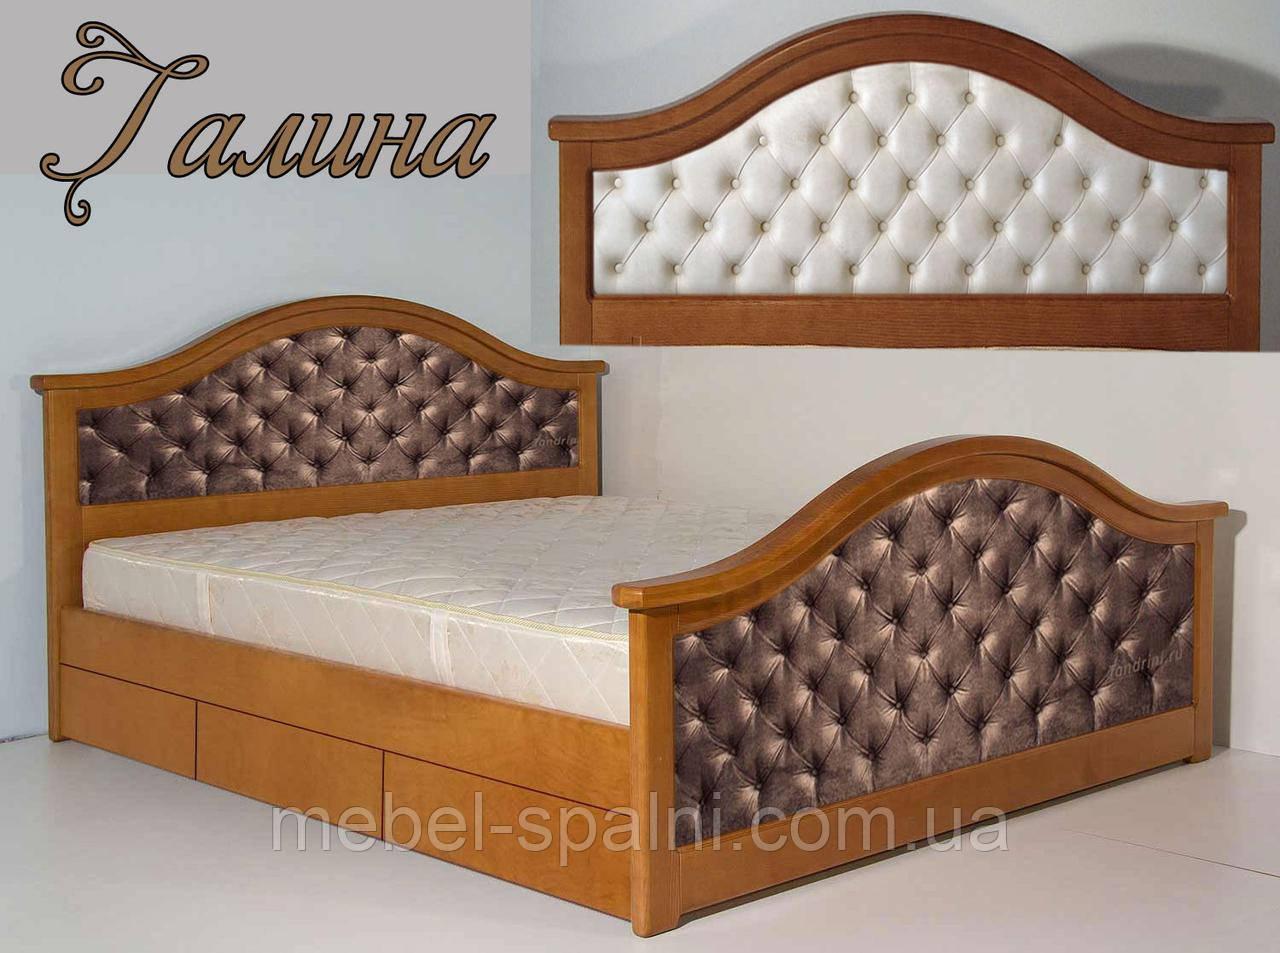 Ліжко м'яка «Галина»